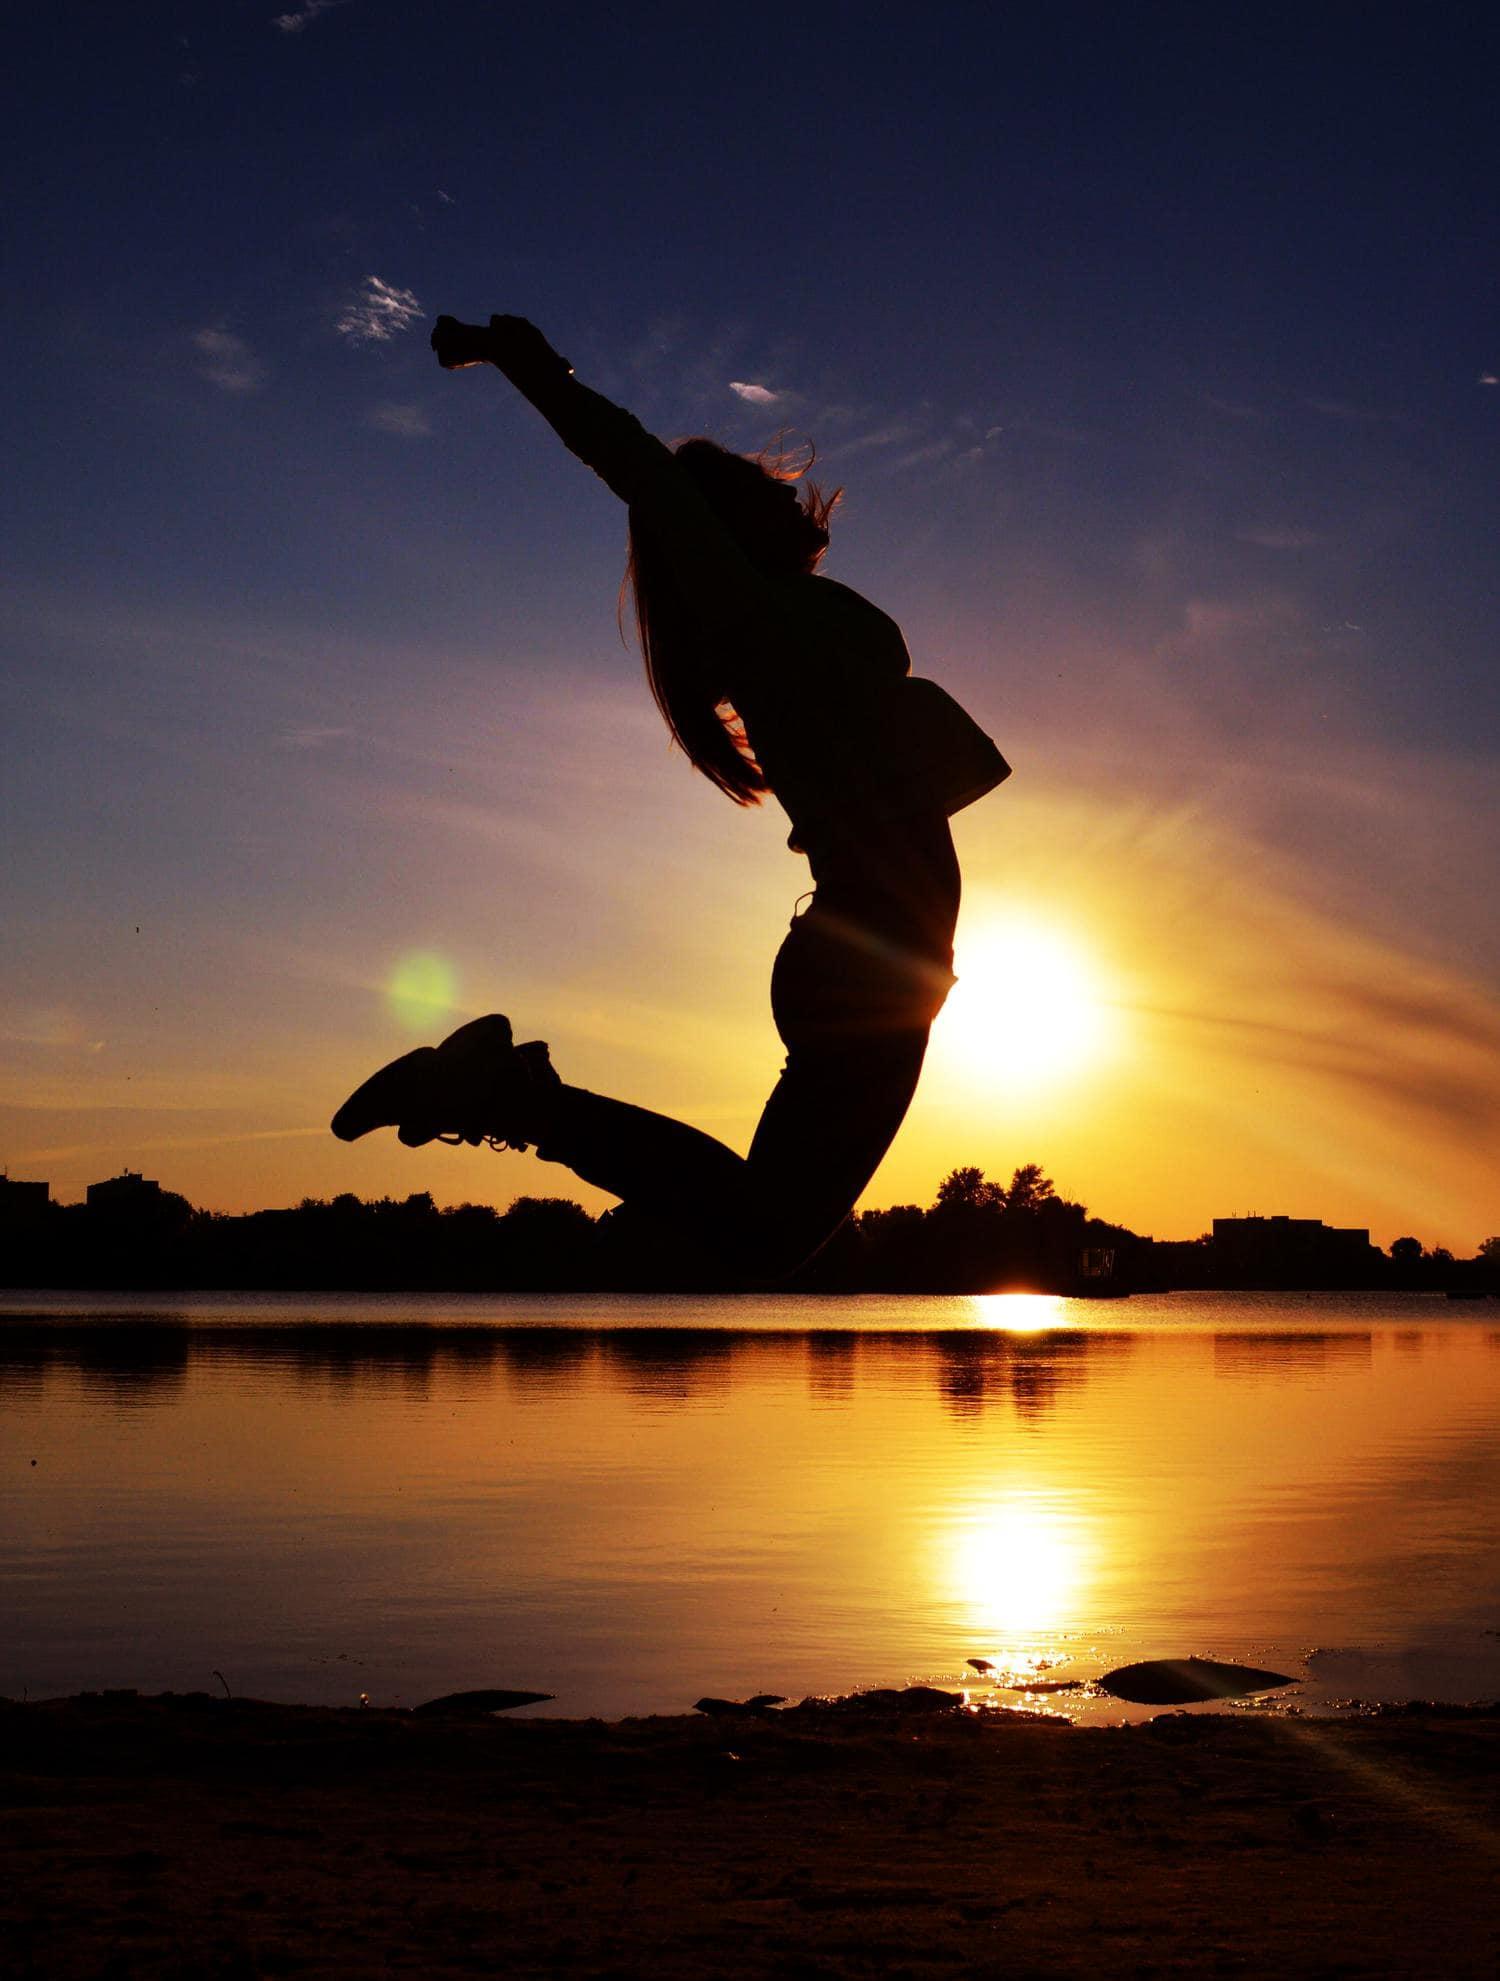 Fotografía de una chica saltando atardecer